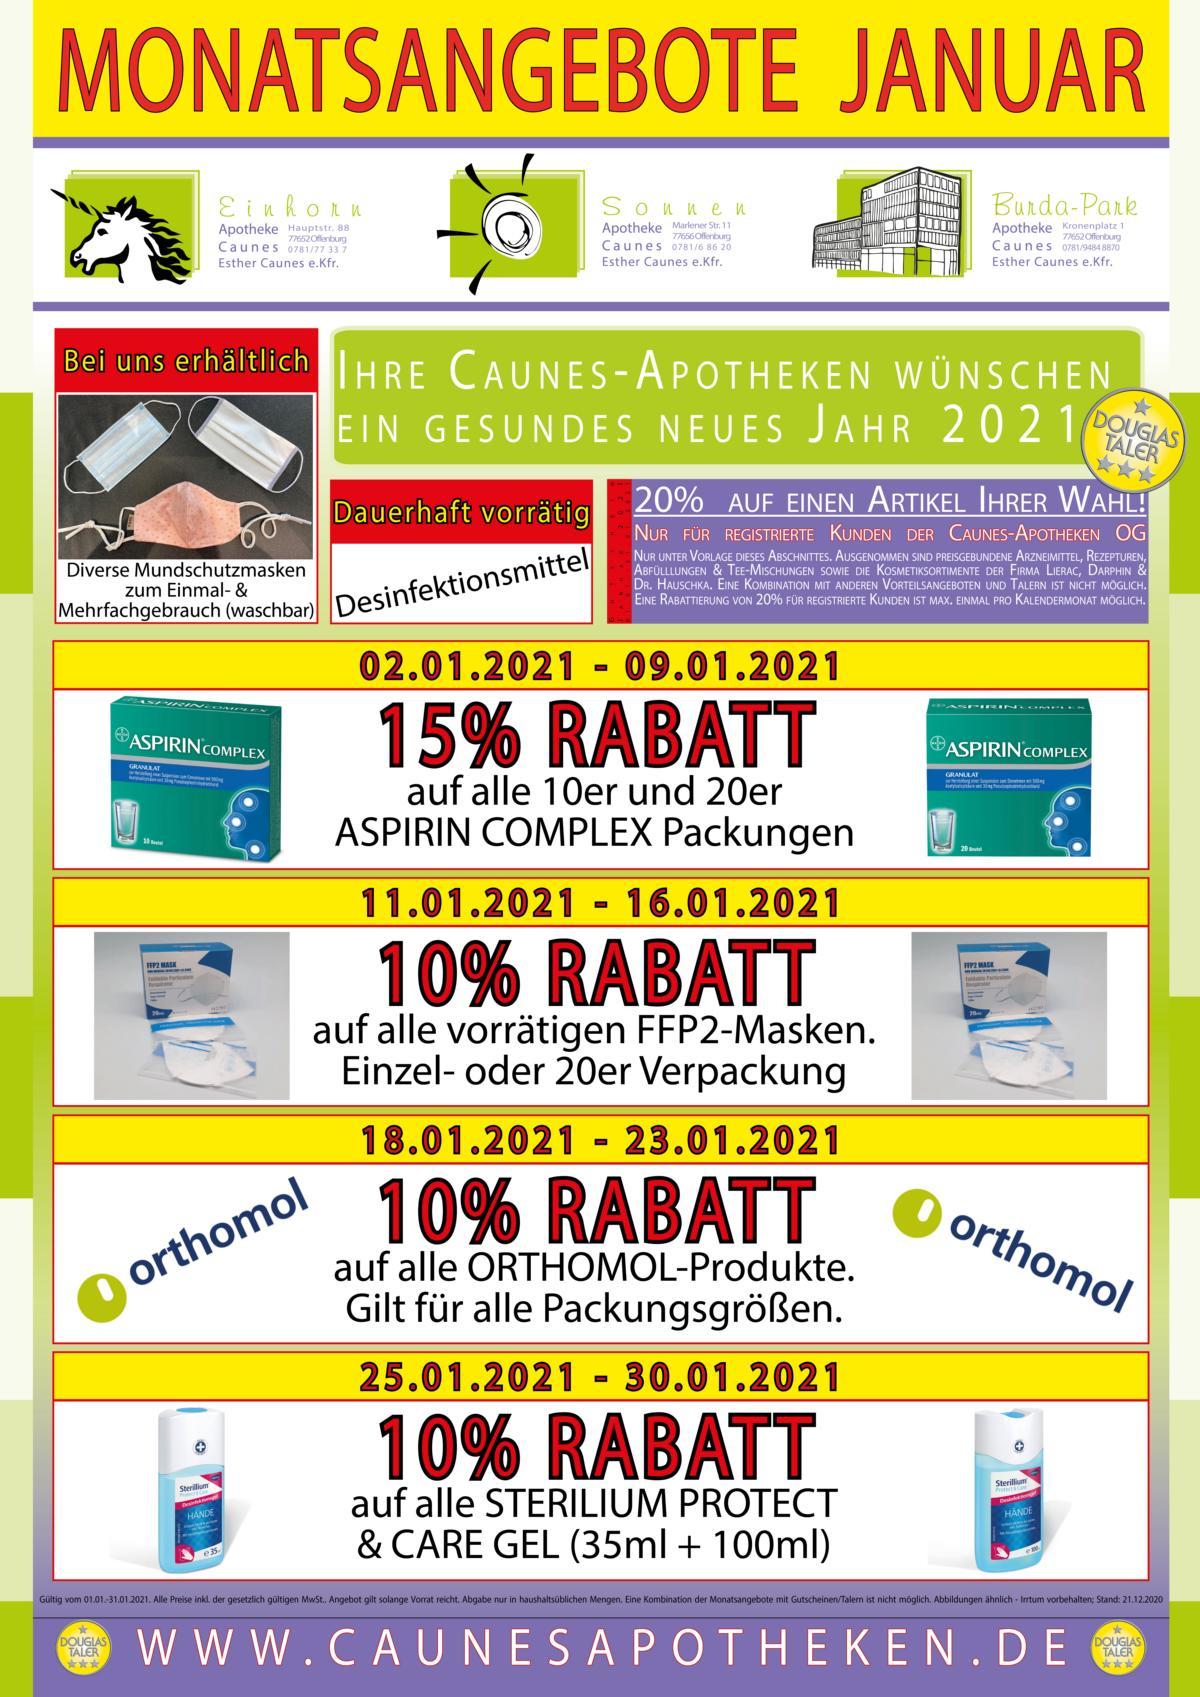 Monatsangebote Teil 1 - Gehwegreiter Plakat DIN-A4 19% - 2021-01 - Offenburg